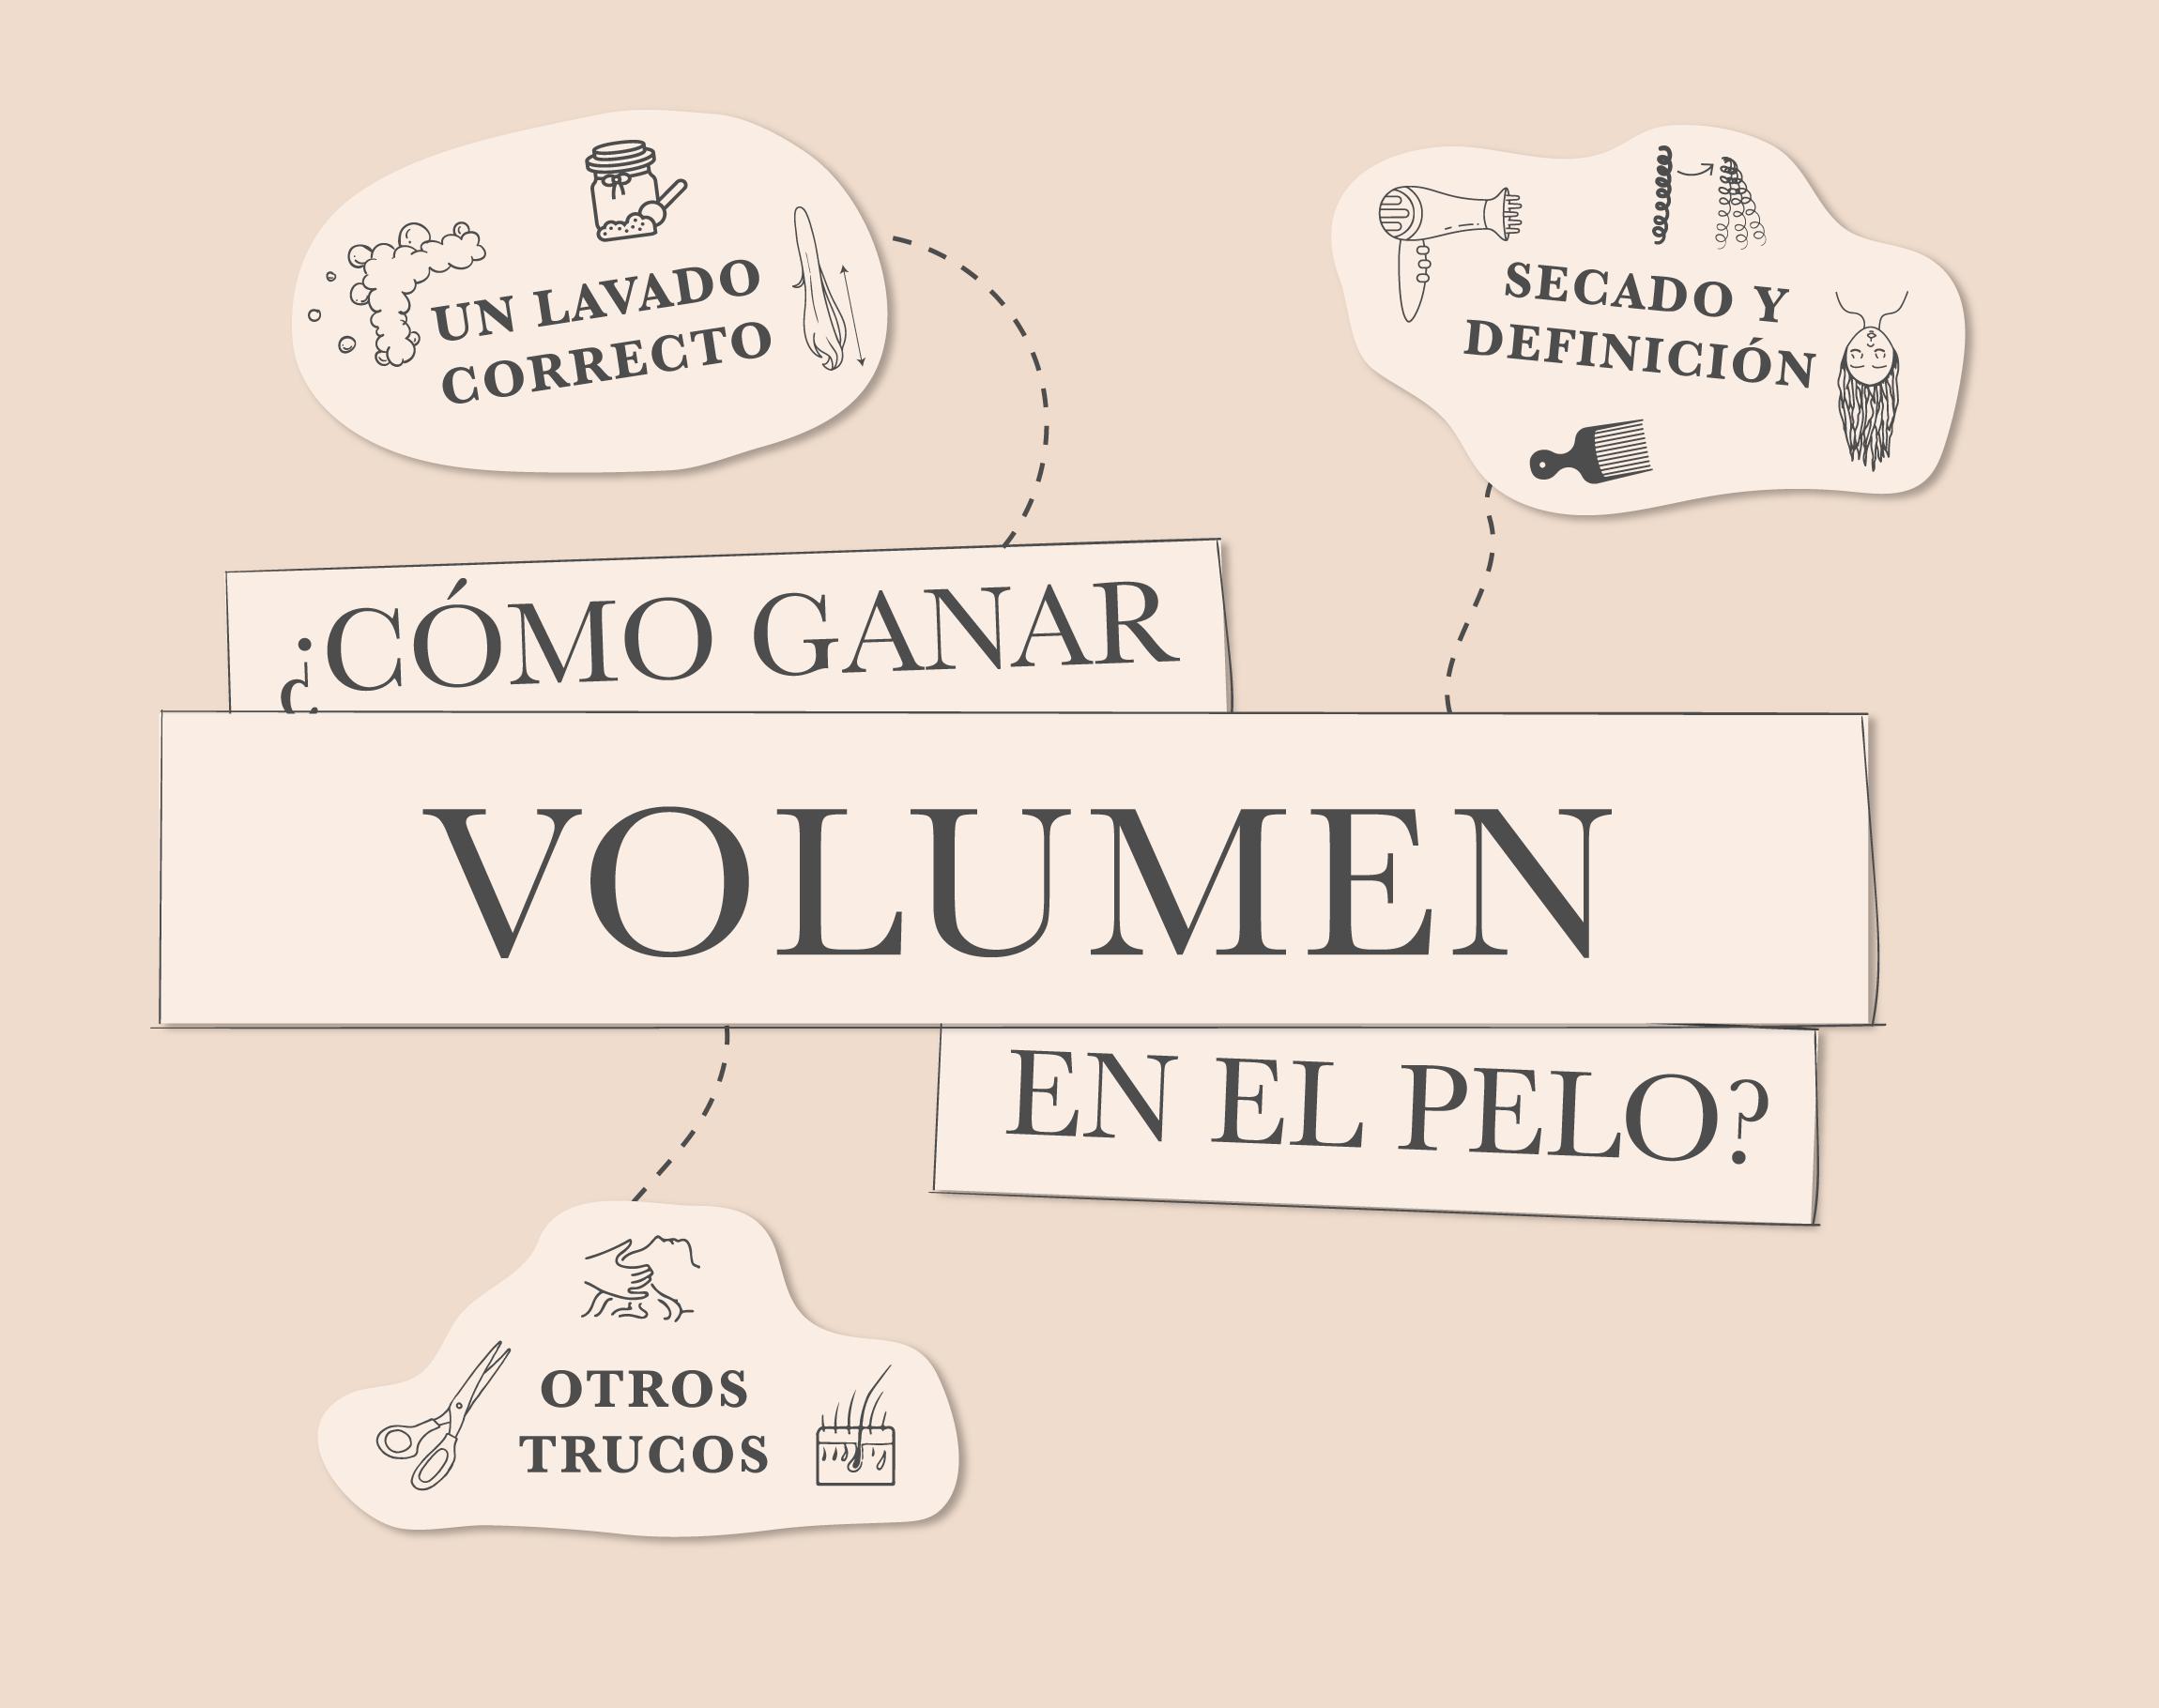 ¿CÓMO GANAR VOLUMEN EN EL PELO?